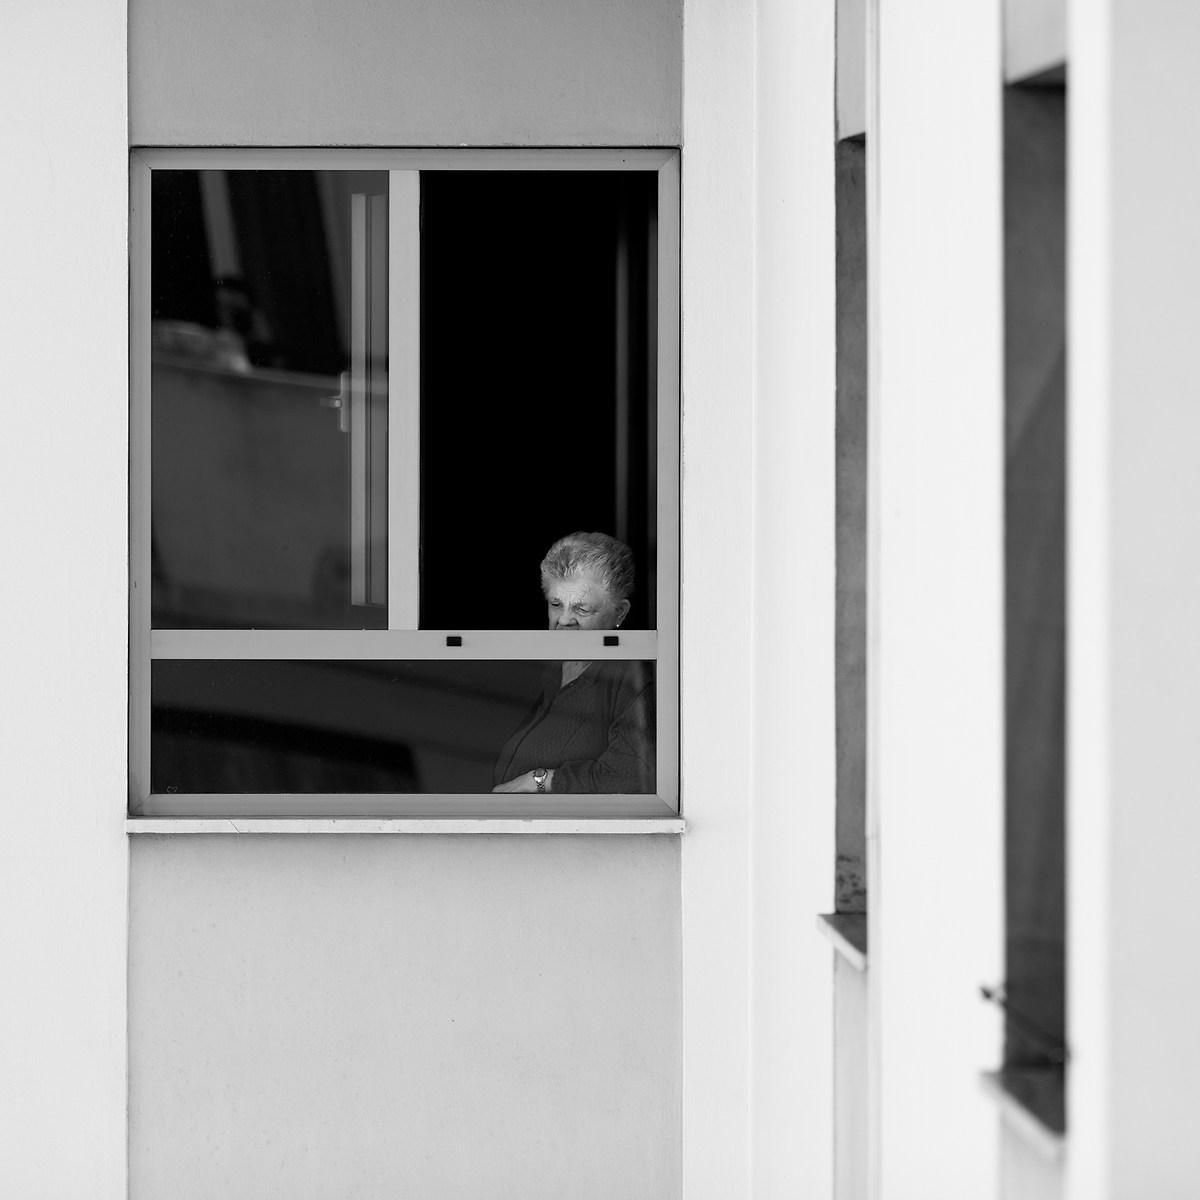 La ragazza alla finestra juzaphoto - Ragazza alla finestra ...